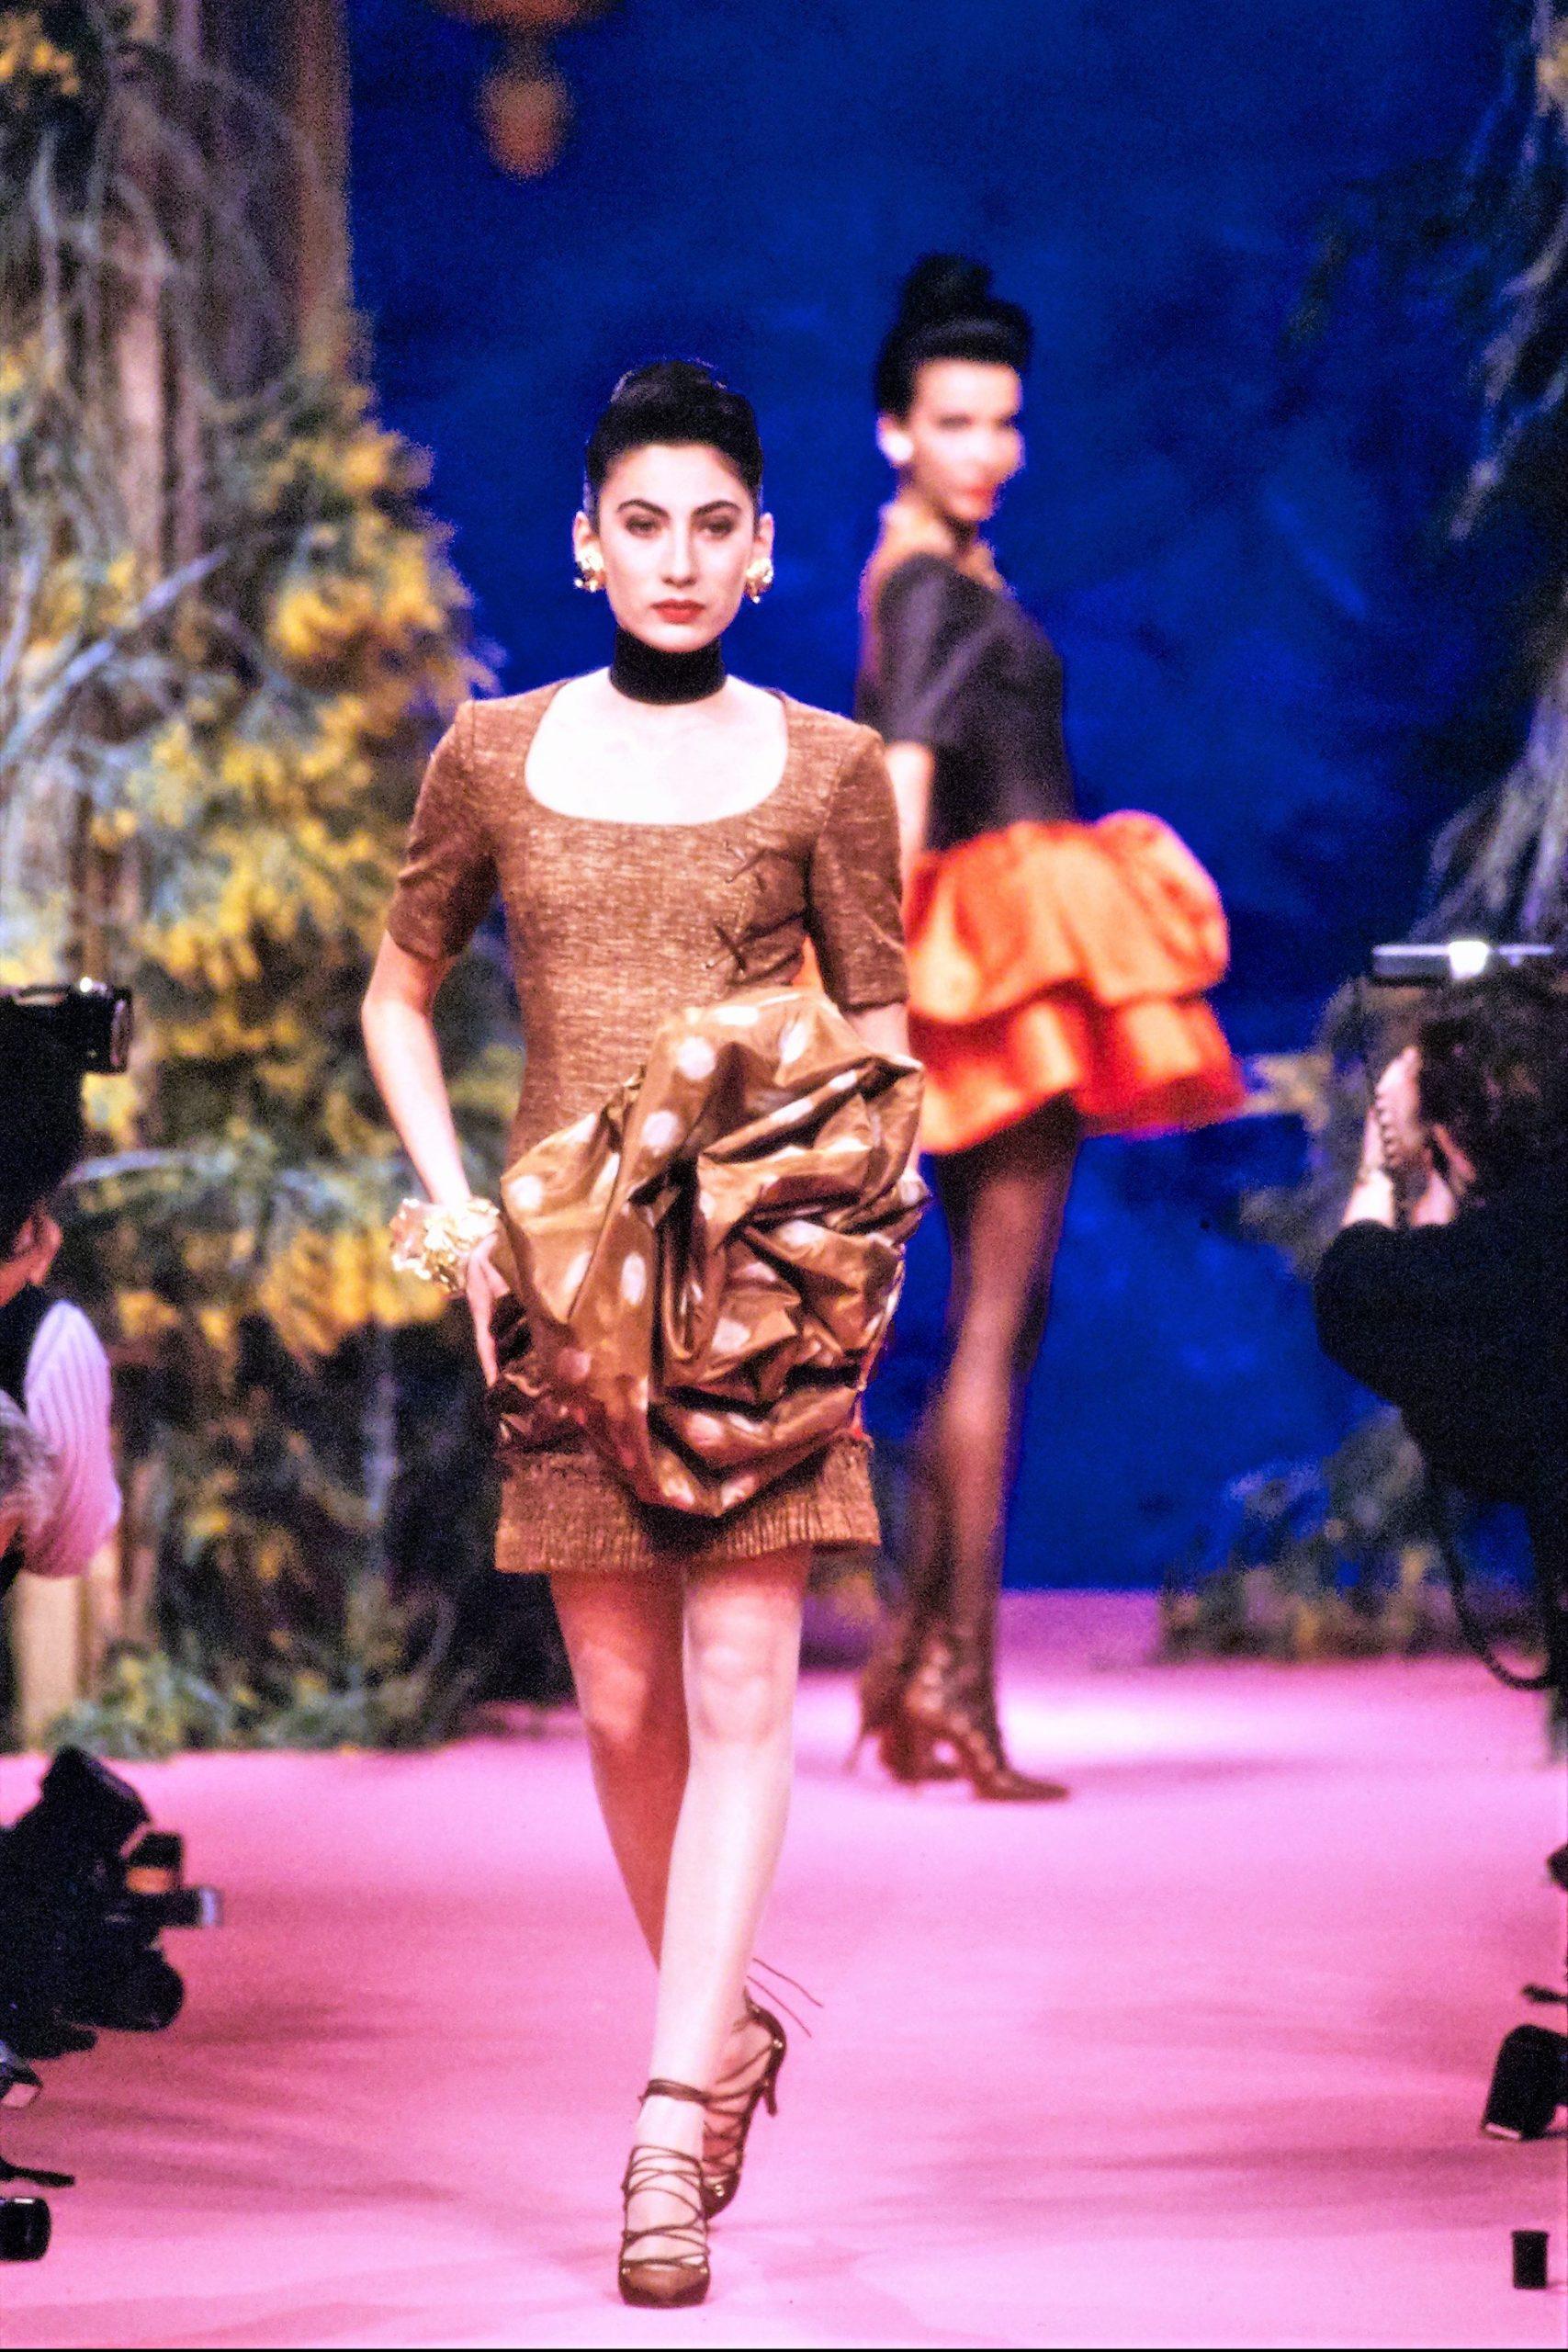 Ánh Dương sàn diễn thời trang Christian Lacroix